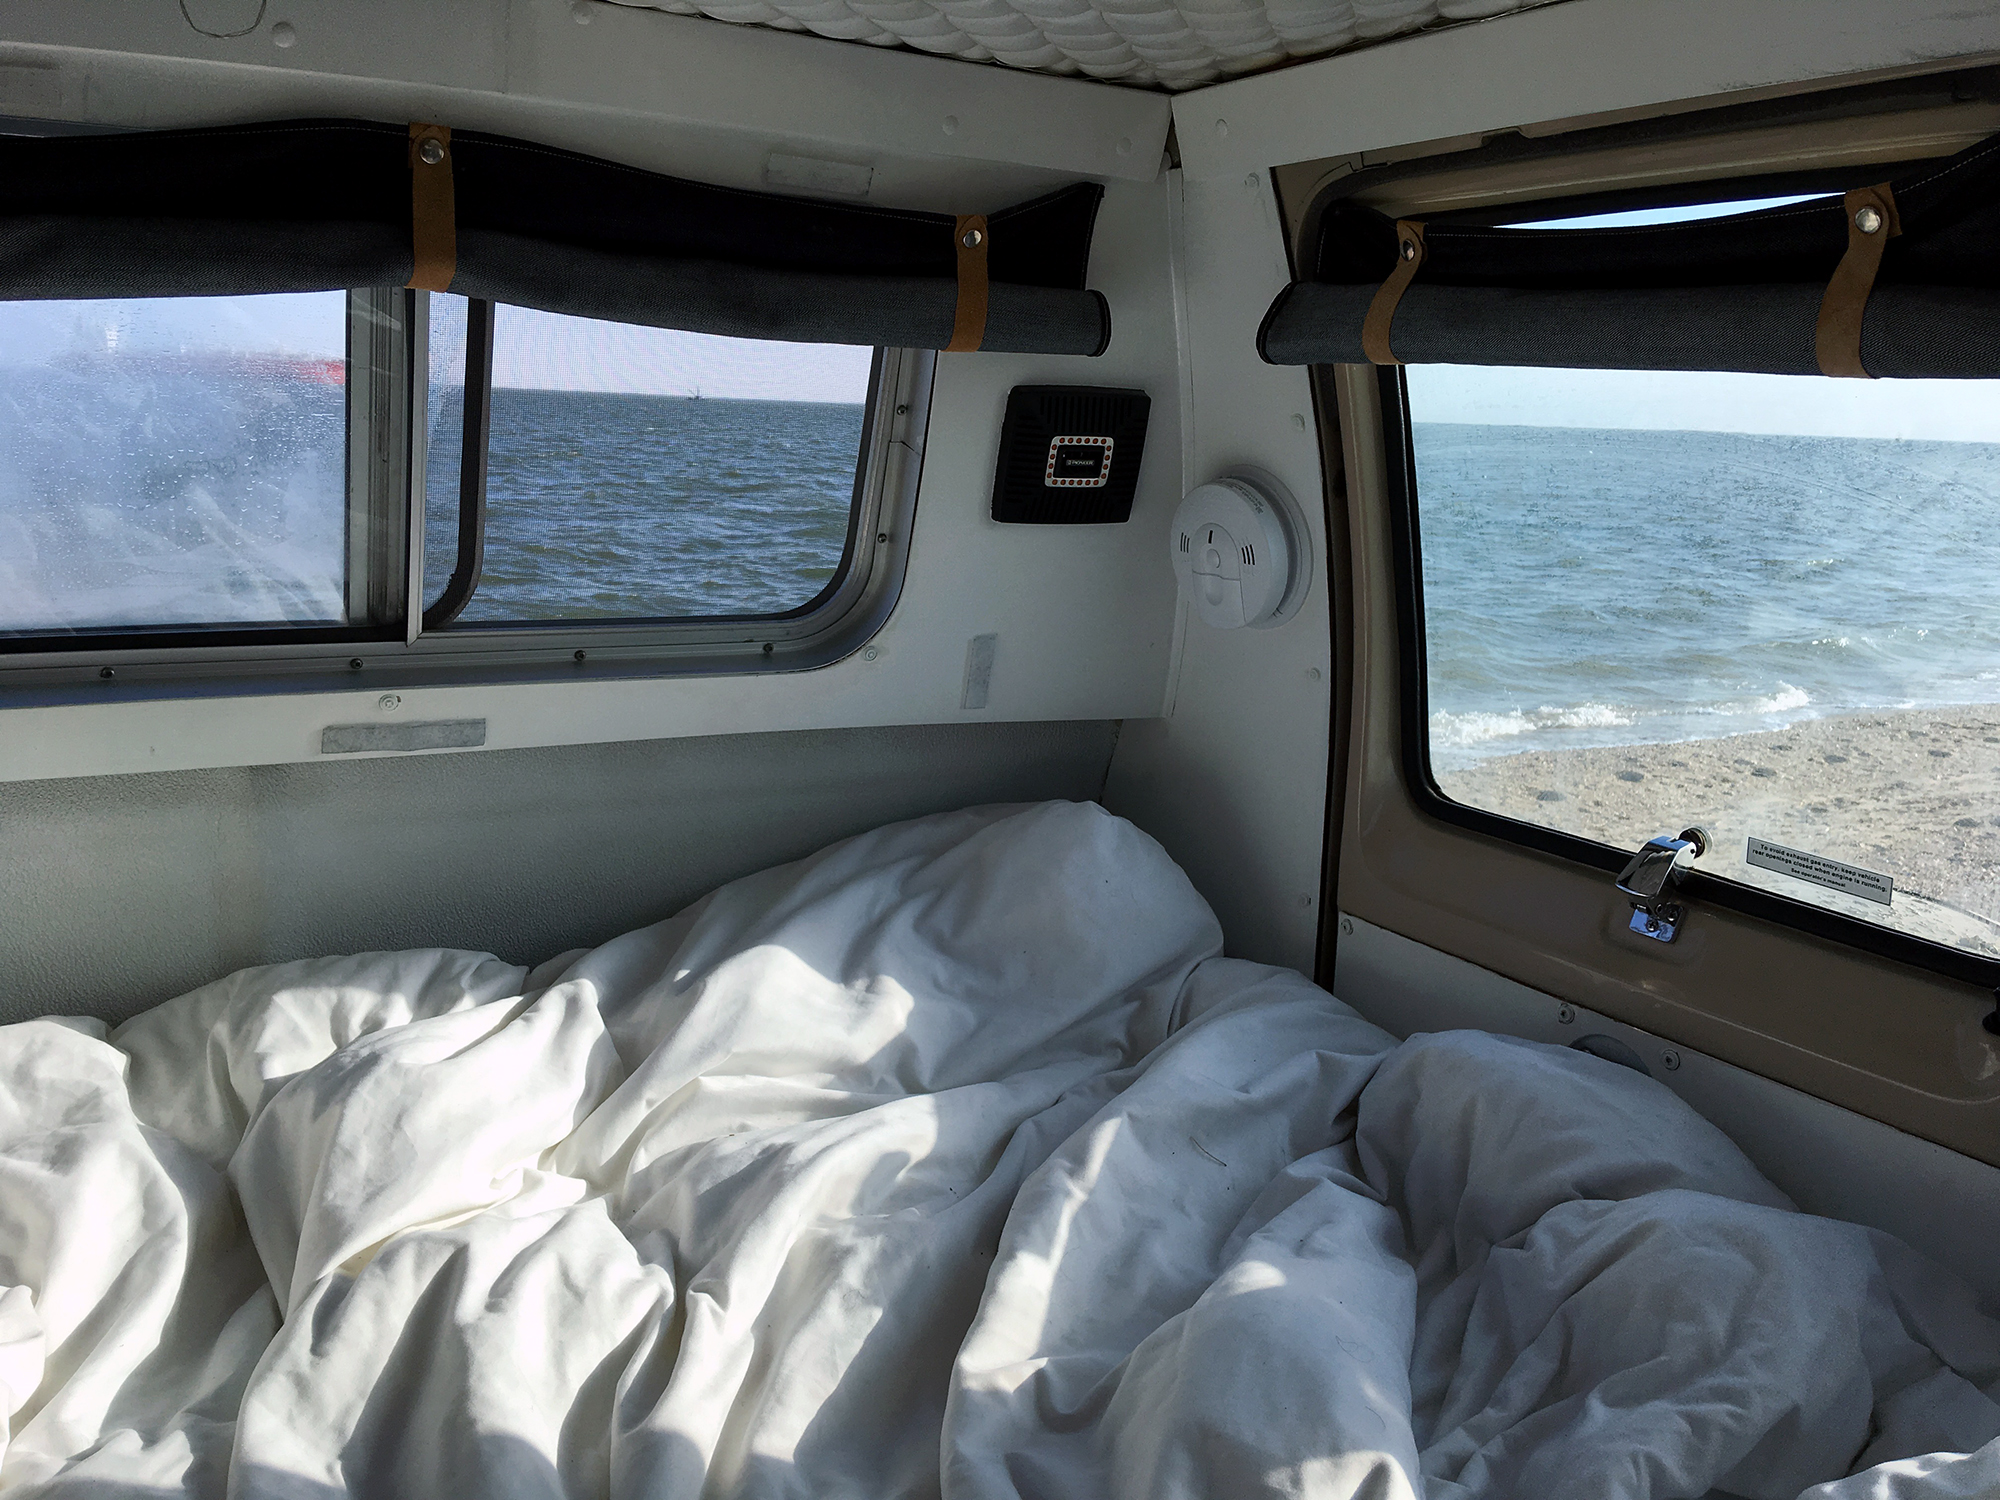 Generic Van Life - Third Coast Magnolia Beach